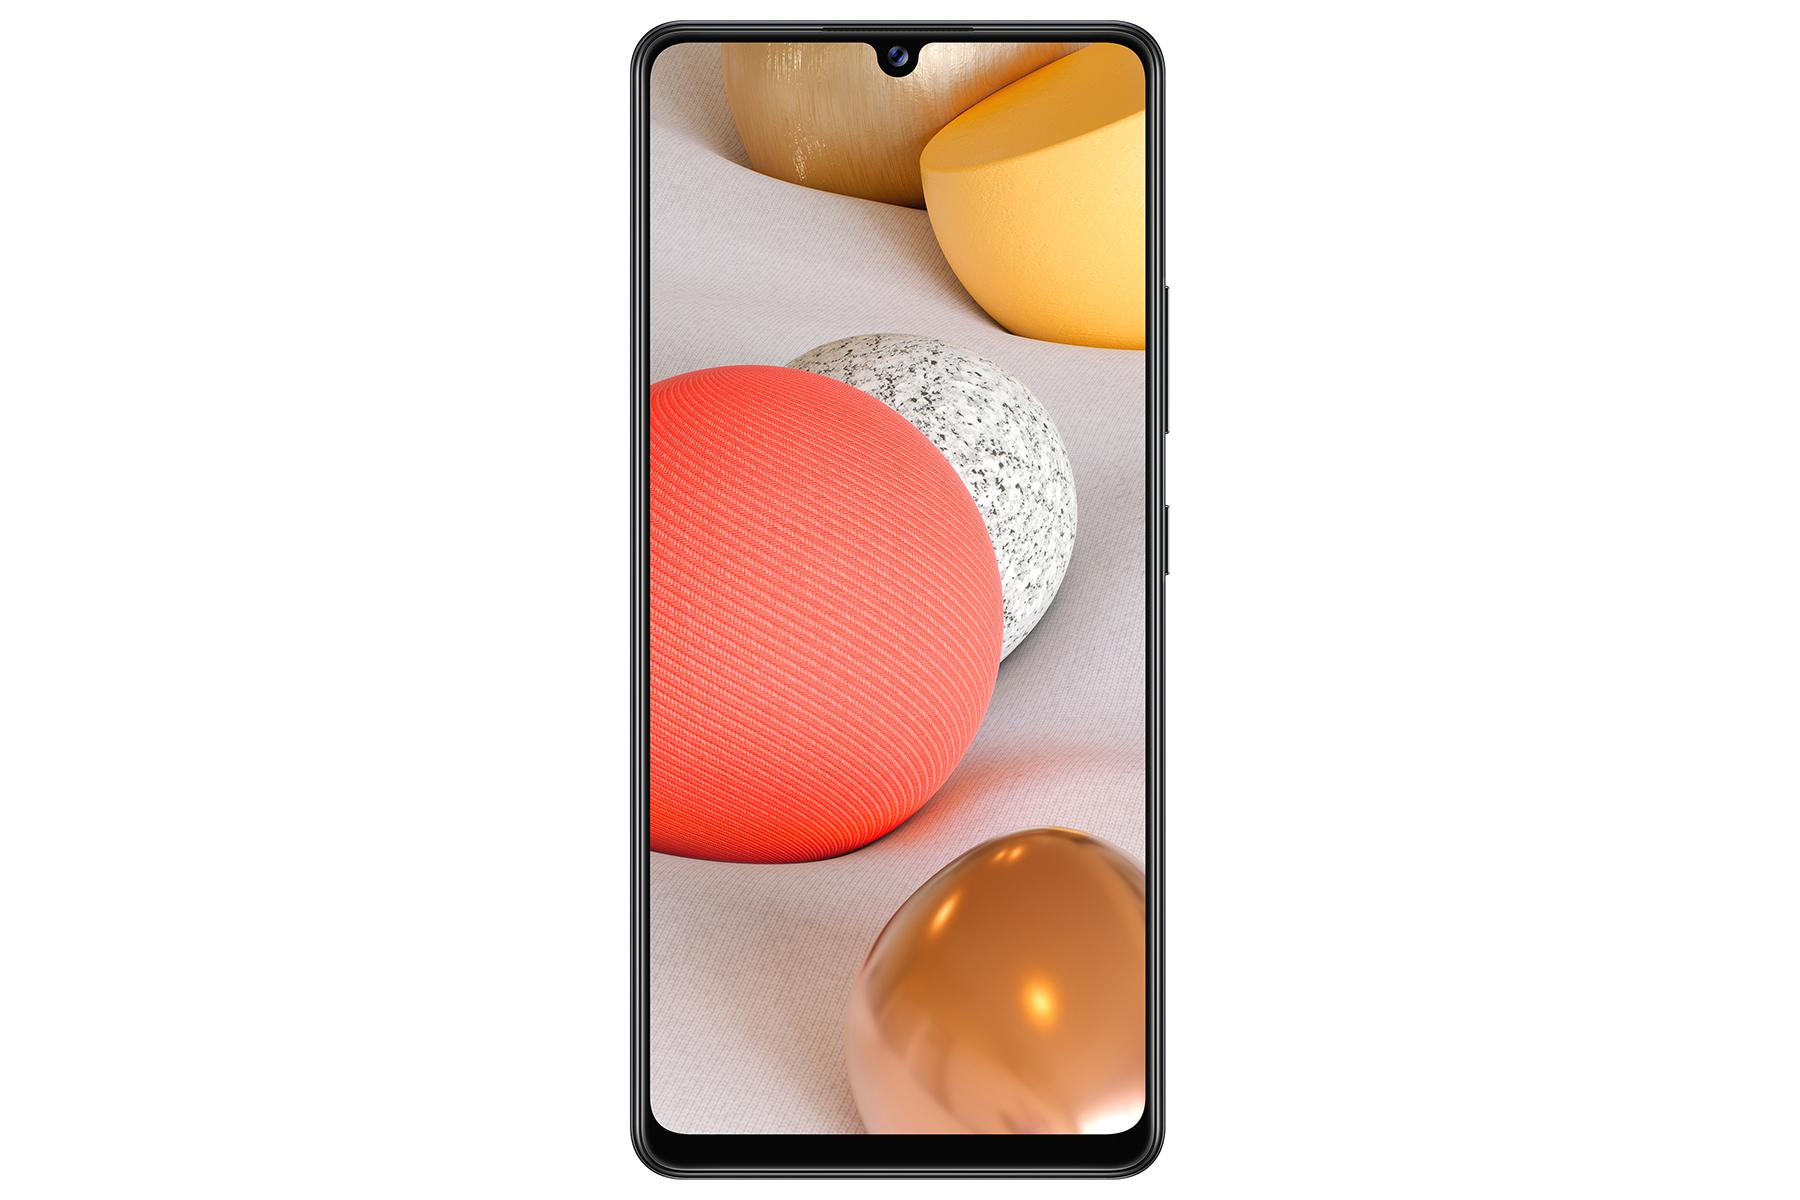 Das Galaxy A42 5G von Samsung. (Quelle: Samsung)